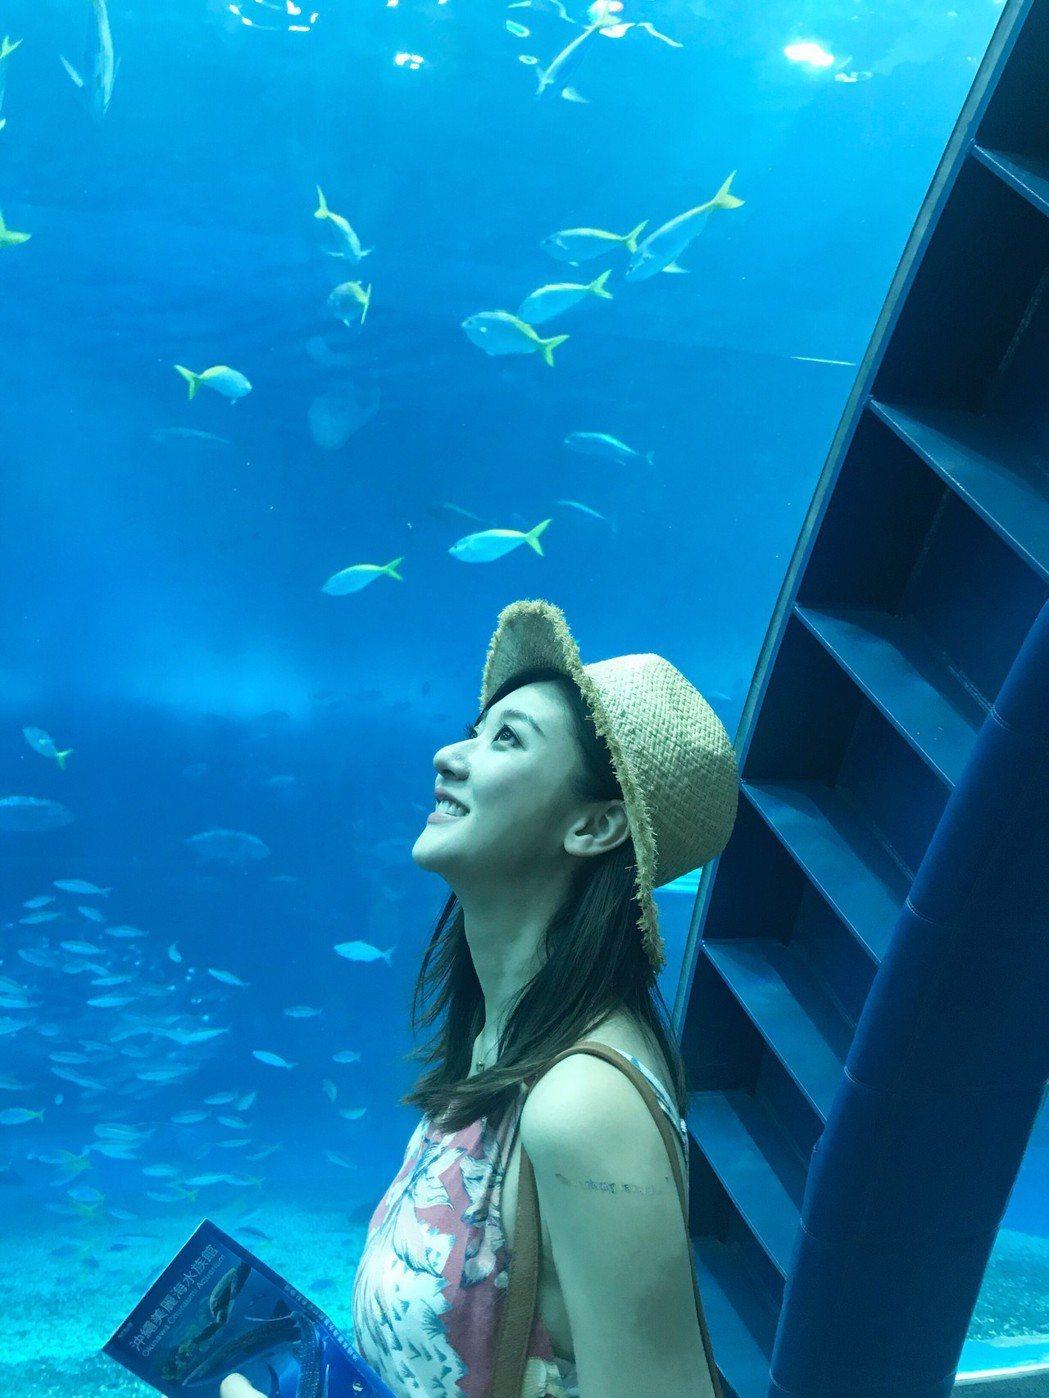 林逸欣到沖繩的著名景點美麗海水族館參觀。圖/鑫羽工作室提供